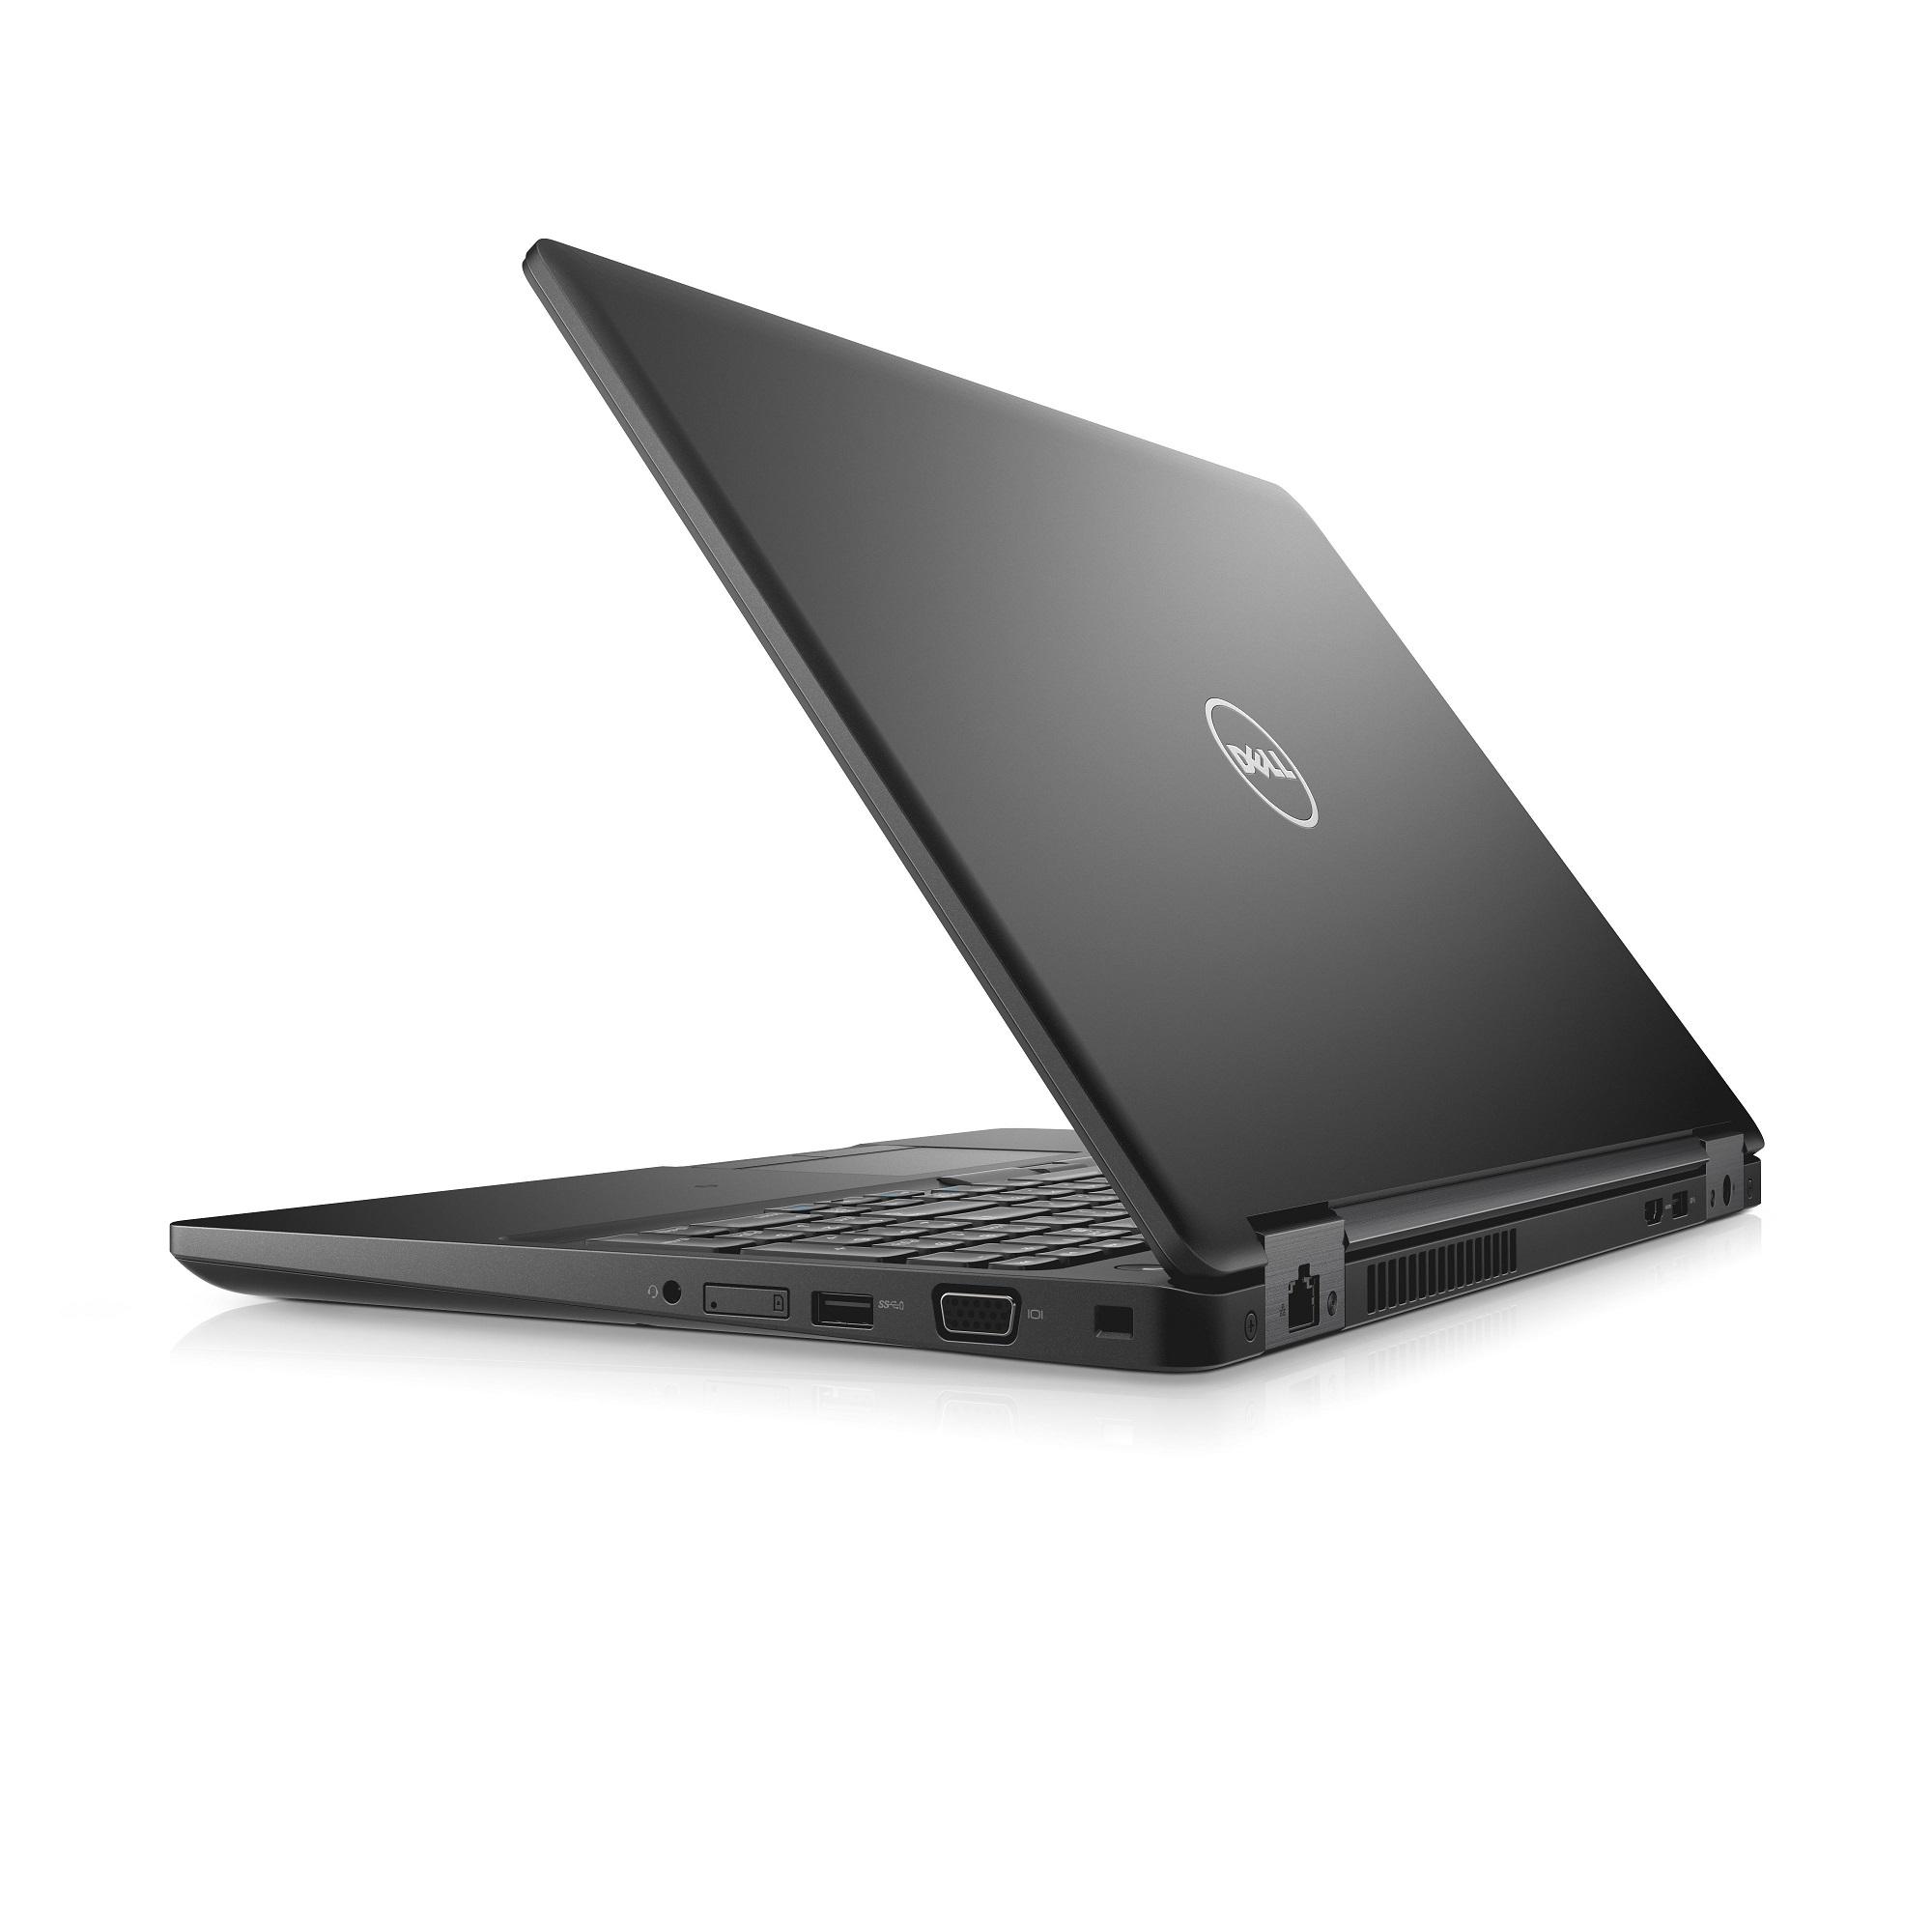 """DELL Latitude 5580/i5-7440H/8GB/500GB 7200 ot./Intel HD 630/15.6"""" FHD/Win 10Pro/Black"""